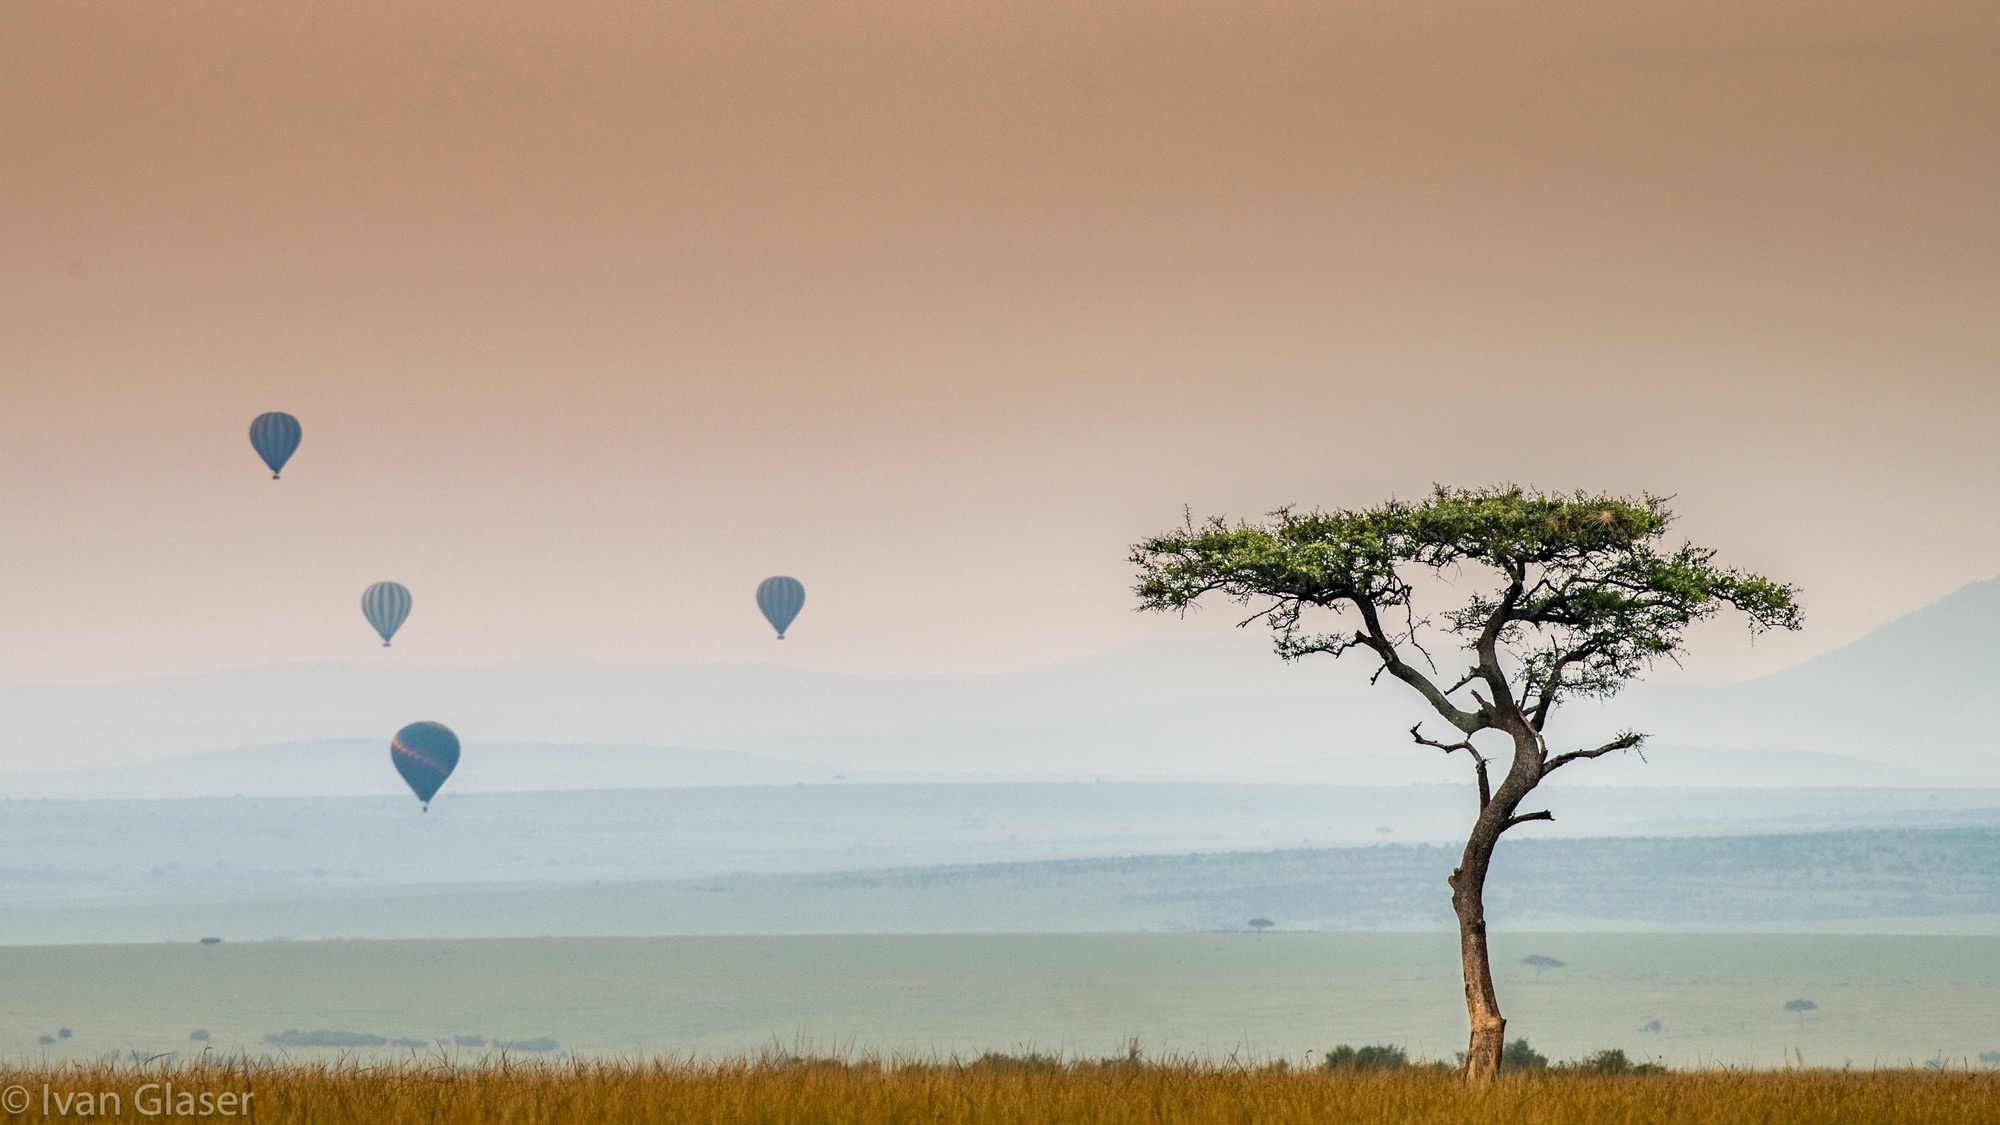 Hot air balloons in Maasai Mara